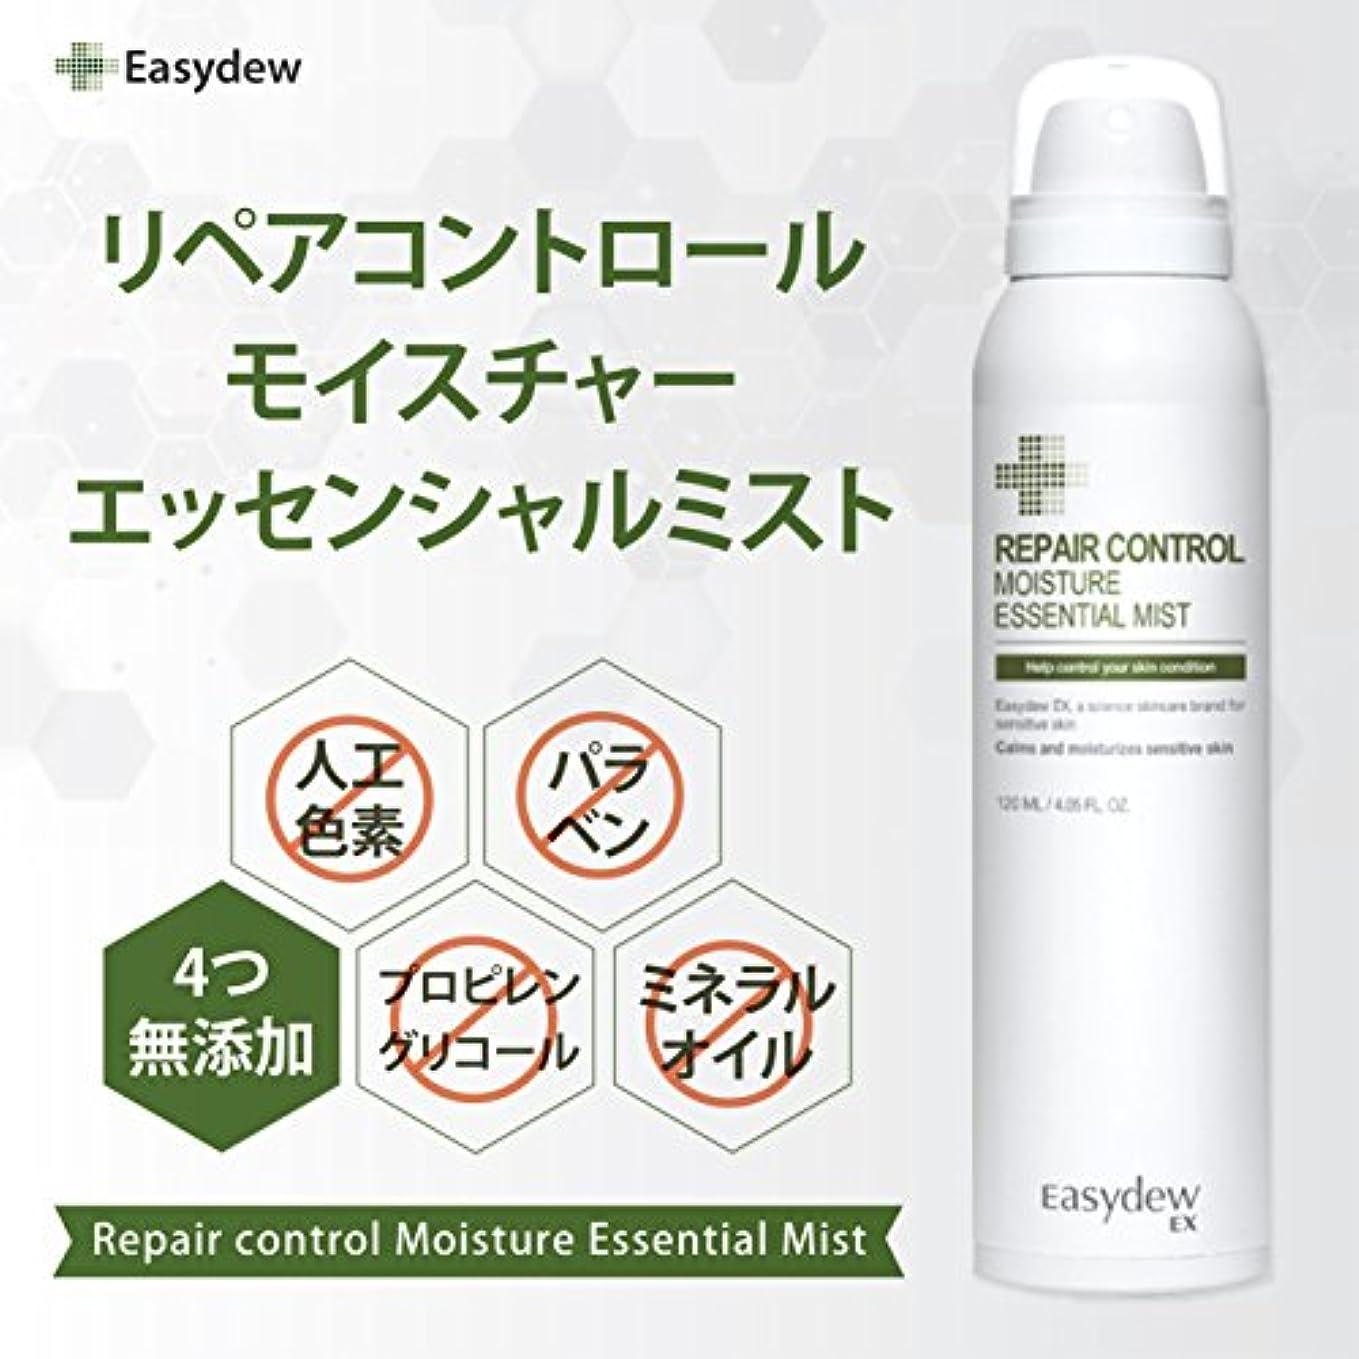 接ぎ木気がついて一過性EASYDEW EX リペア コントロール モイスチャー エッセンシャル ミスト Repair Control Moisture Essential Mist 120ml